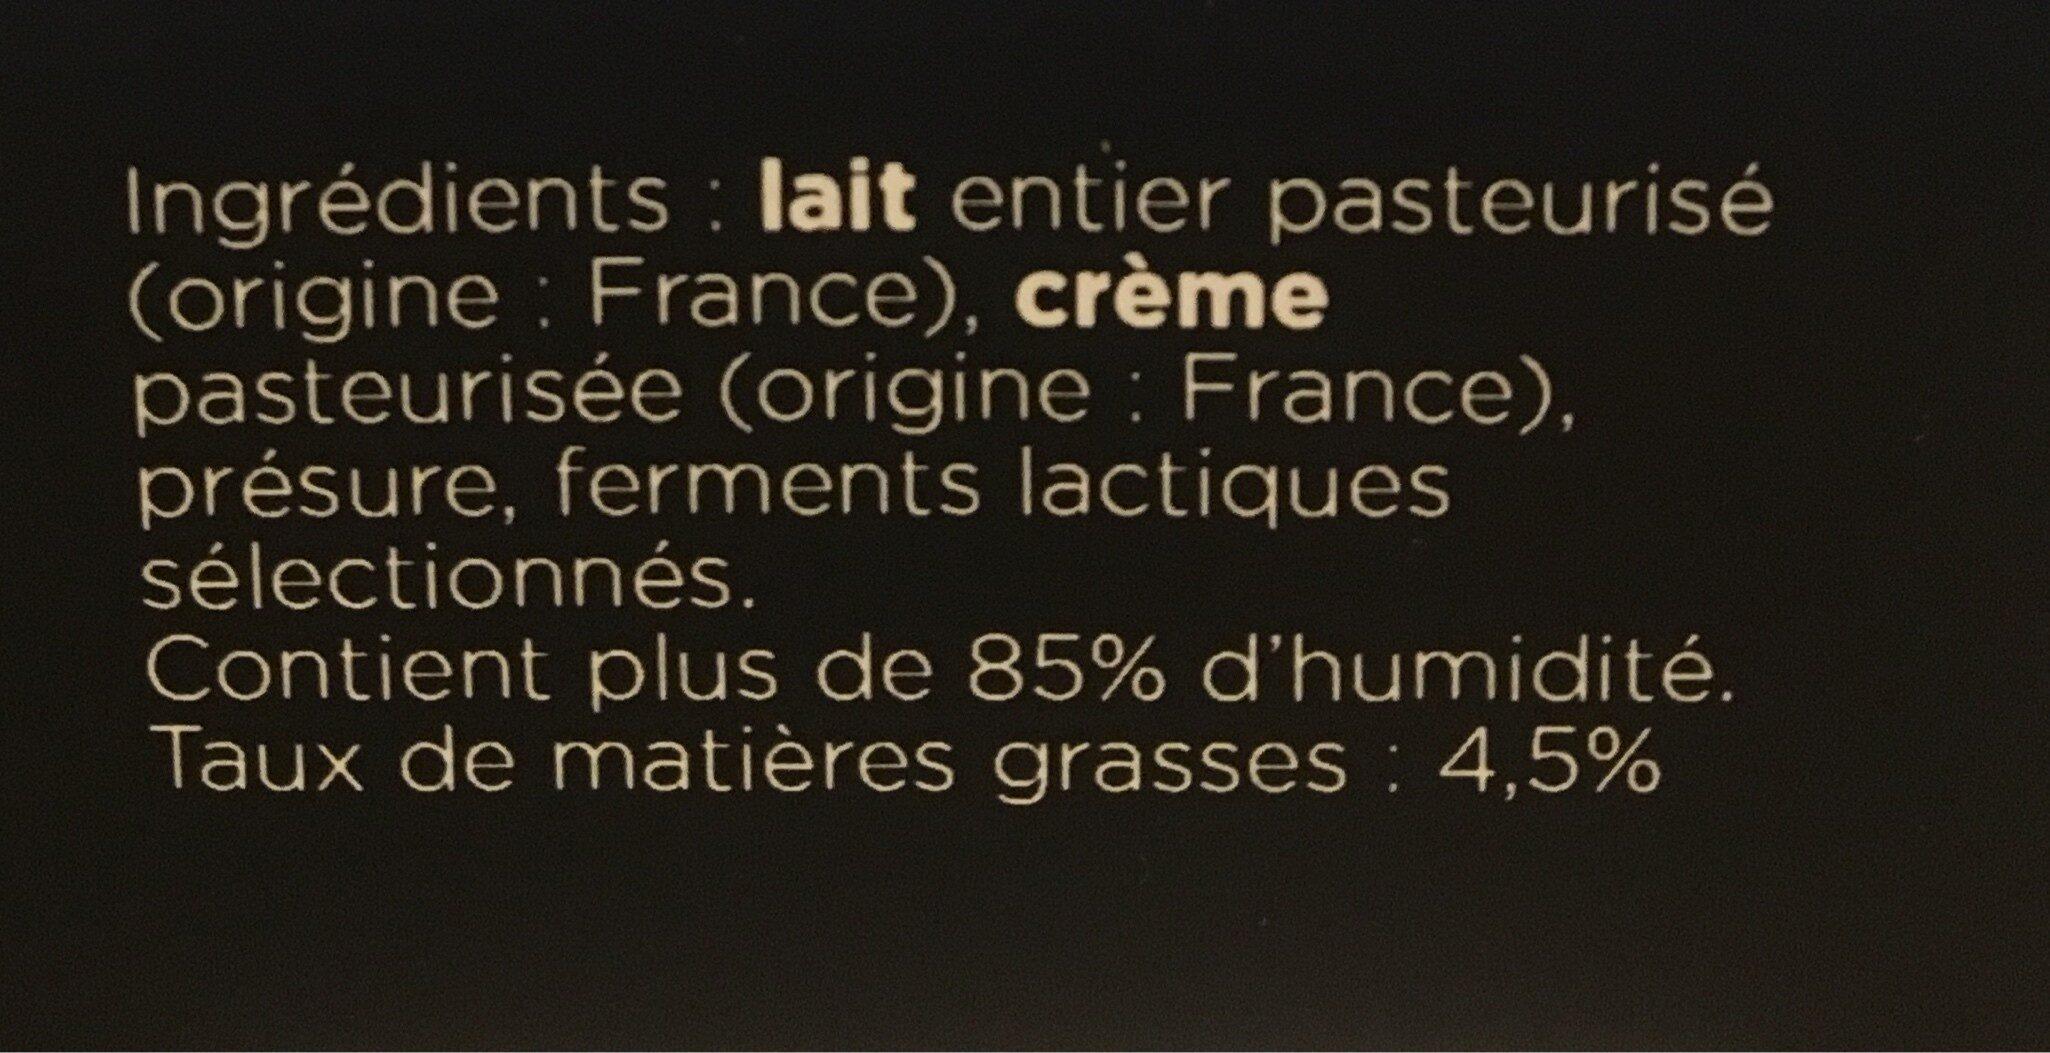 La Faisselle Duo - Ingredients